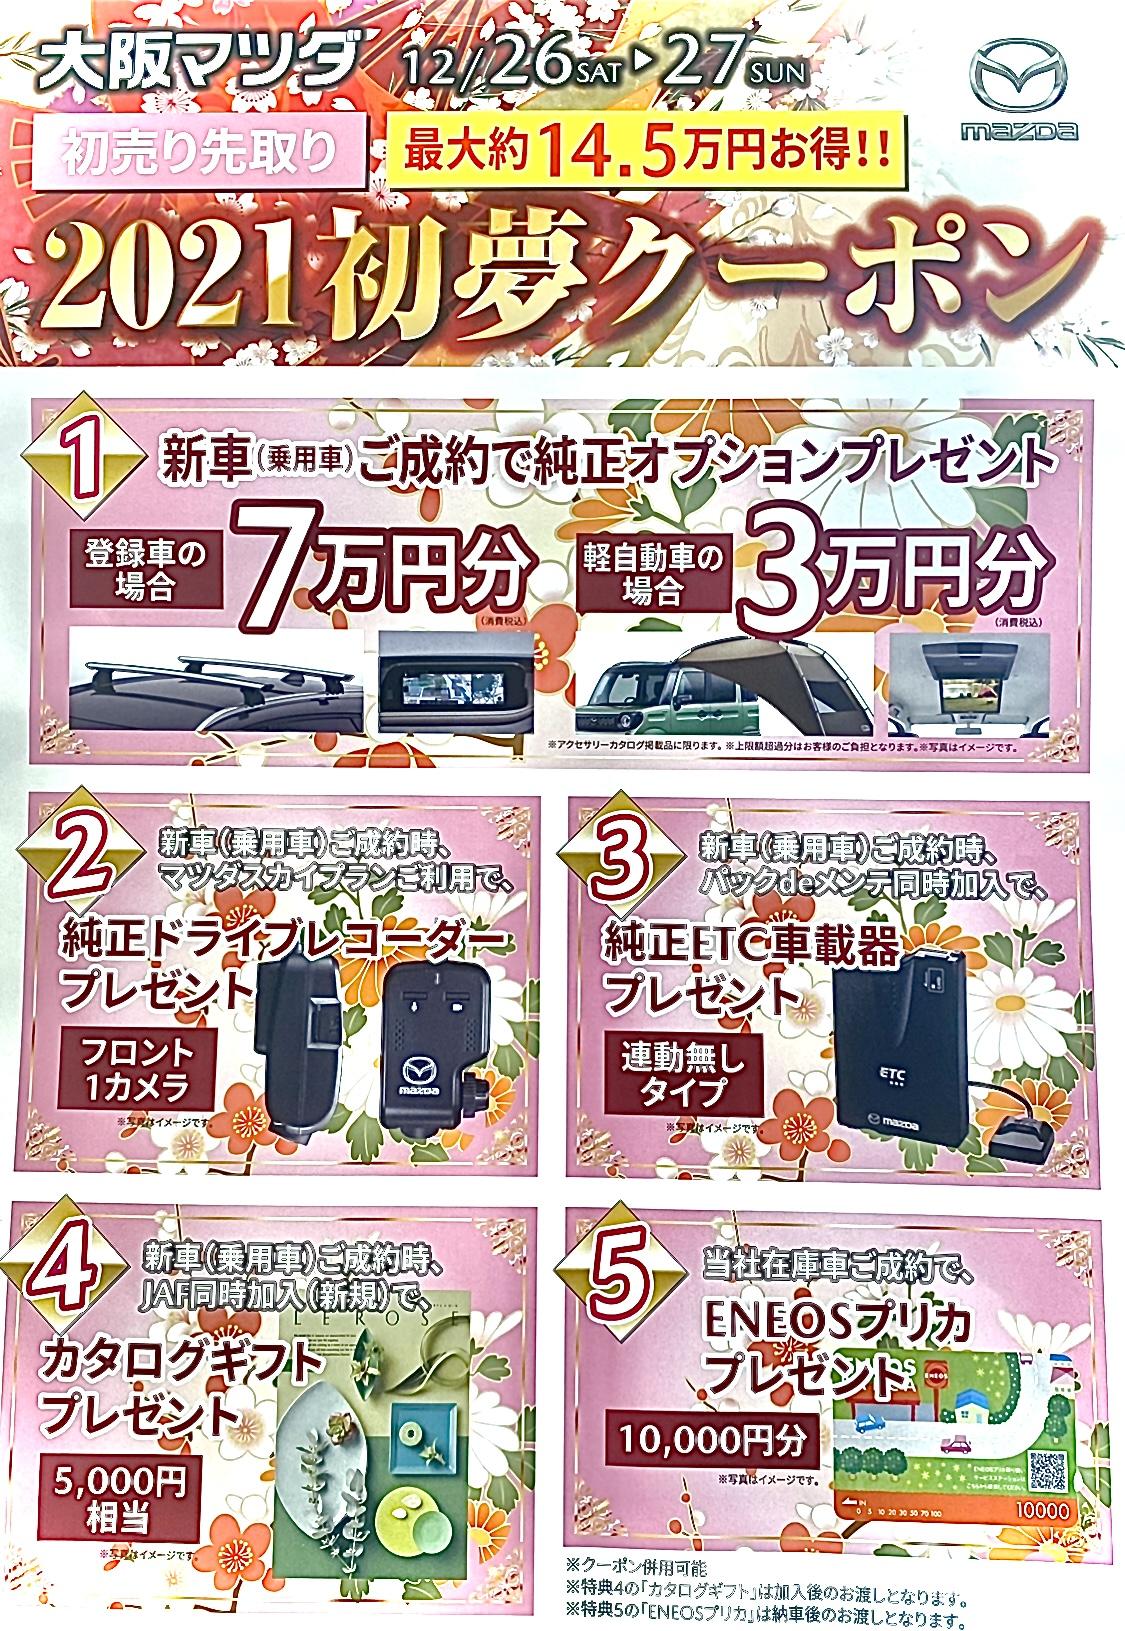 2020 大阪 初 売り